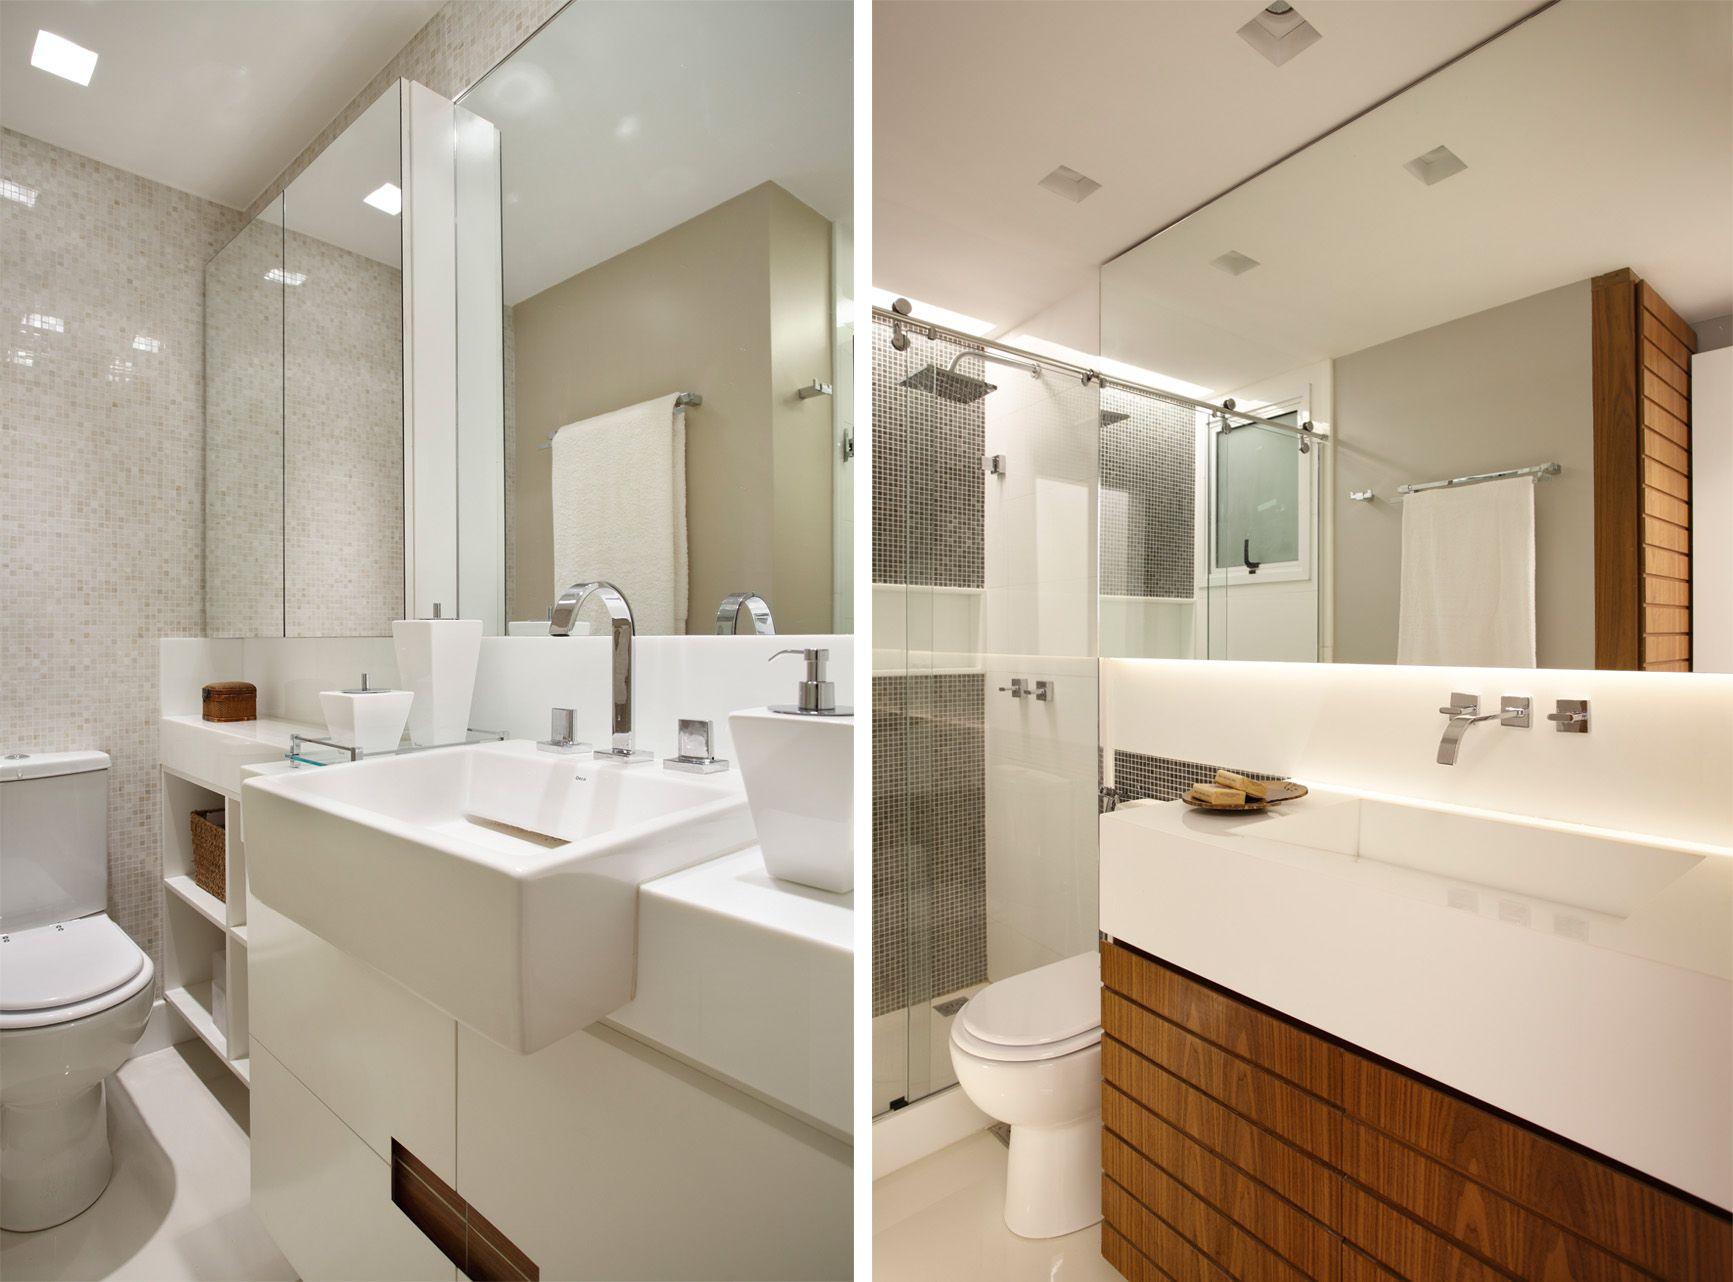 iluminação para banheiros  Pesquisa Google  ILUMINAÇÃO BANHEIROS  Pinterest -> Iluminacao Banheiro Pequeno